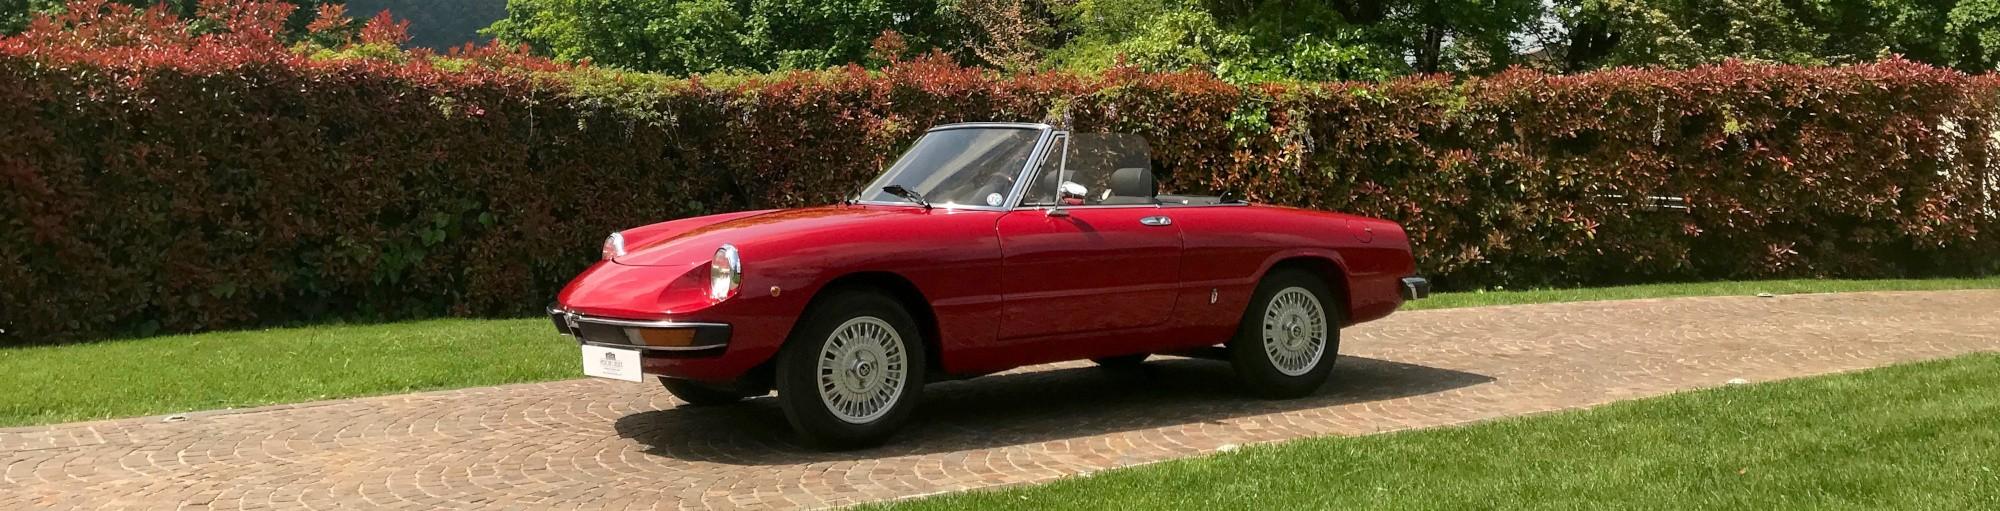 Alfa Romeo Spider 2000 Veloce in vendita - Passione Classica